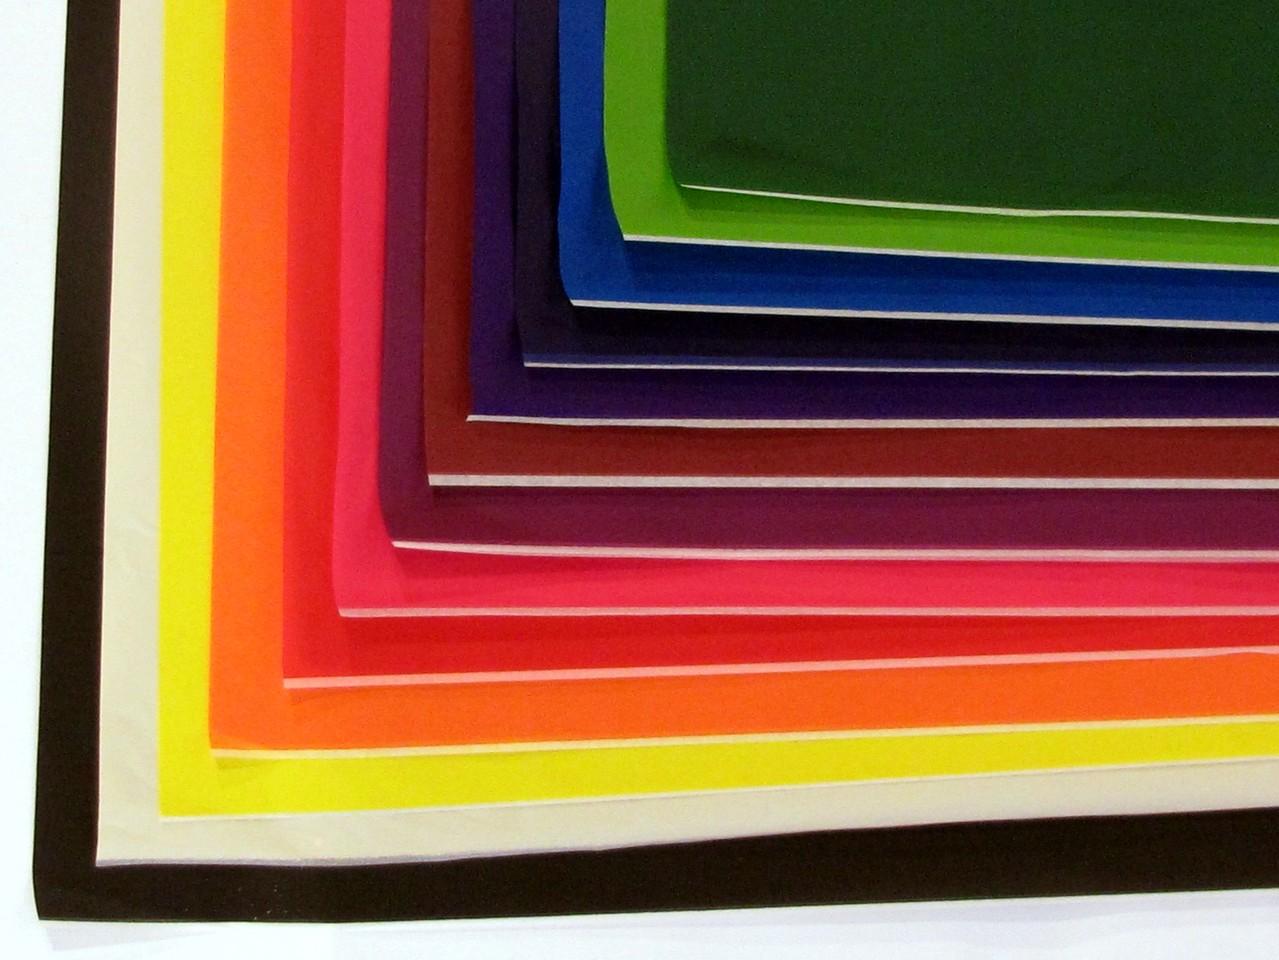 Rotoli Di Carta Colorata : Monofilm e carta paper andykites online shop di aquiloni e